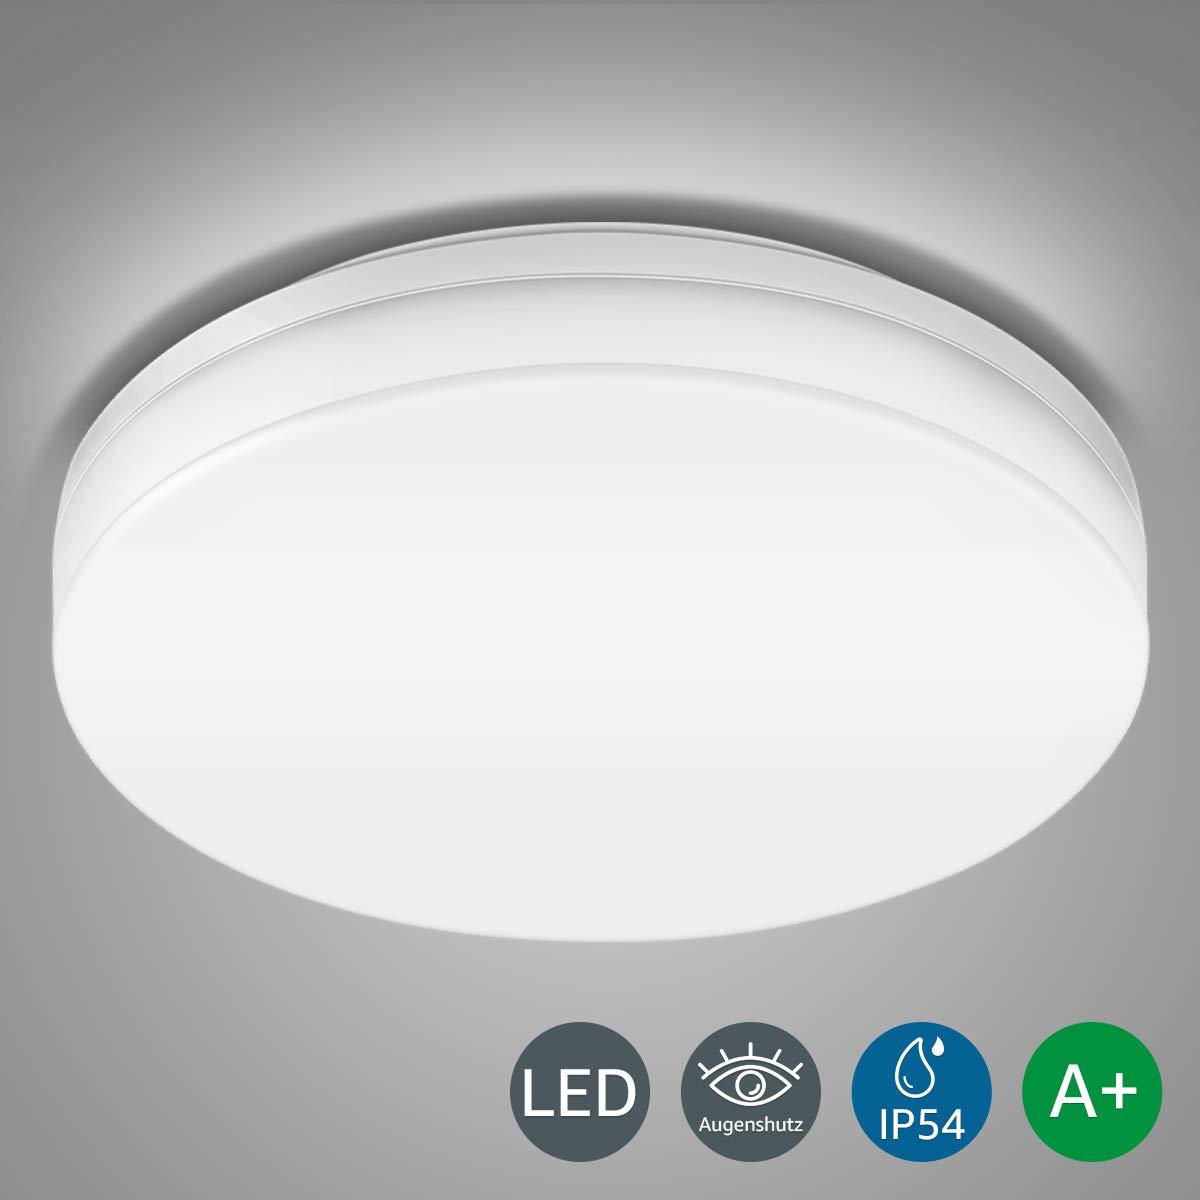 LE 24W Deckenleuchte, 2400lm 5000K Super Hell, Wasserfest IP54 LED Deckenlampe, Ideale Deckenbeleuchtung für Wohnzimmer, Küche, Balkon, Flur, Badezimmer usw. Kaltweiß